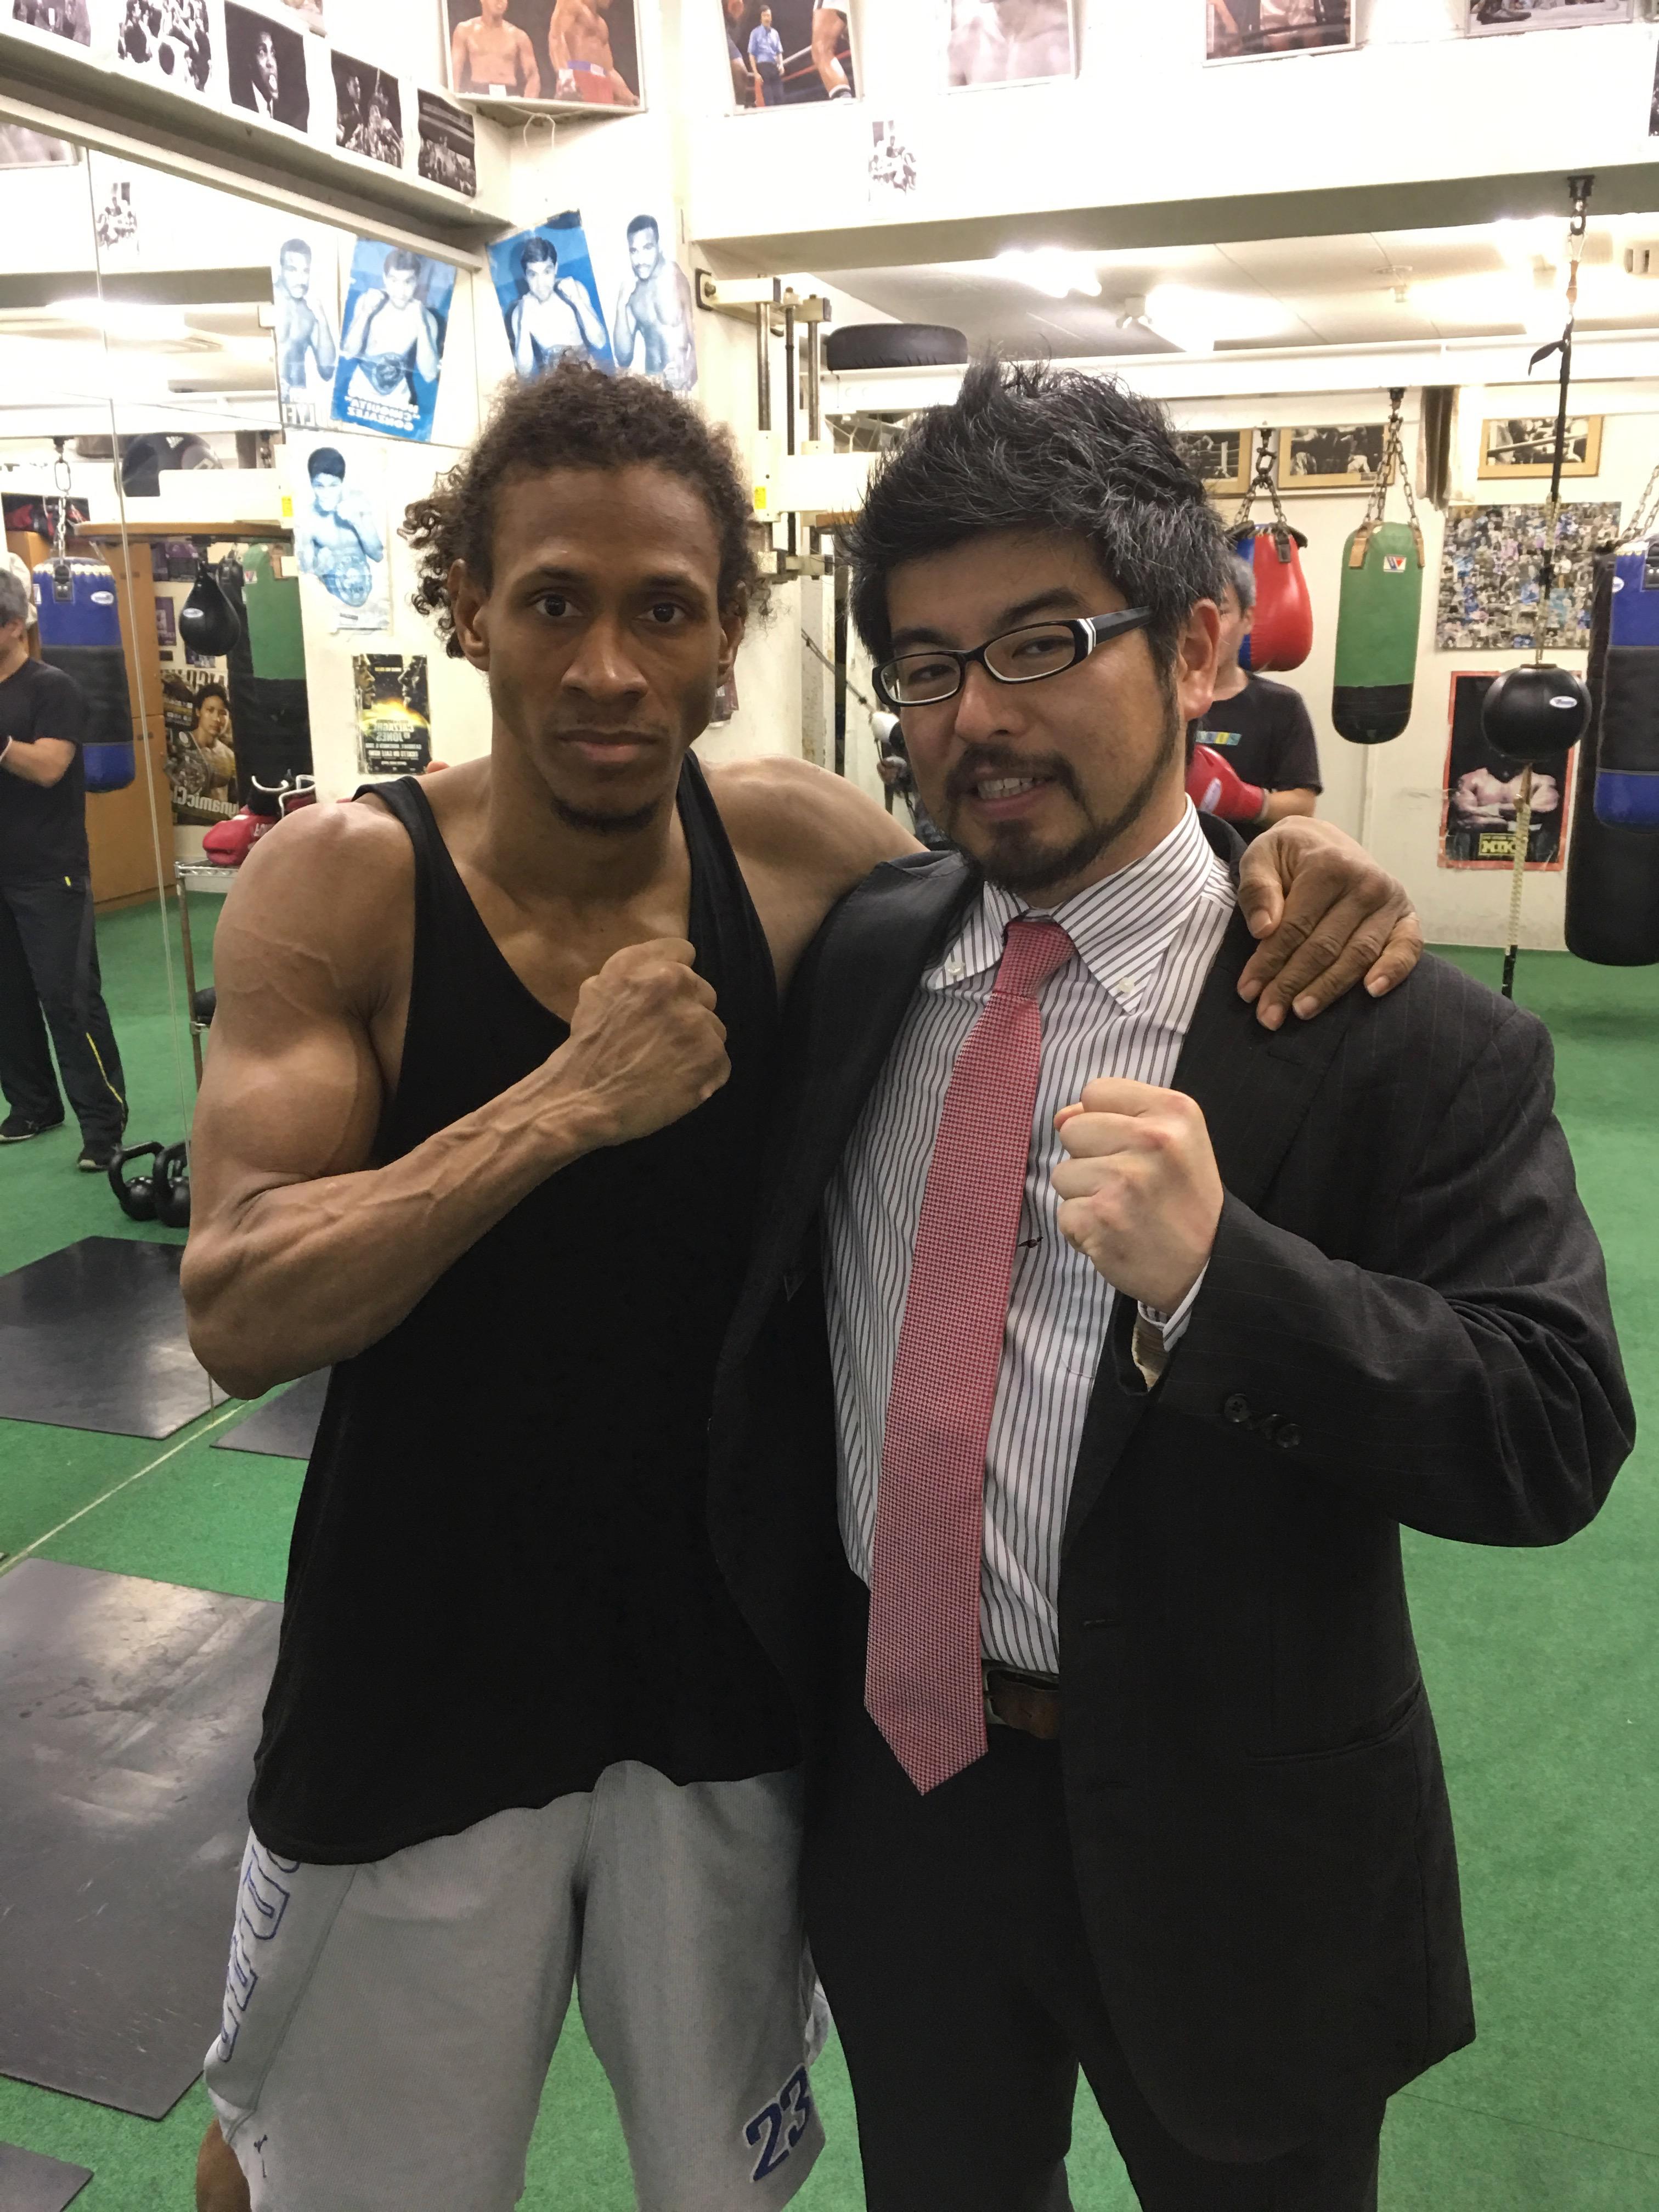 ピューマ渡久地ジムを訪問 (Visita al gimnasio de boxeo Puma Toguchi)